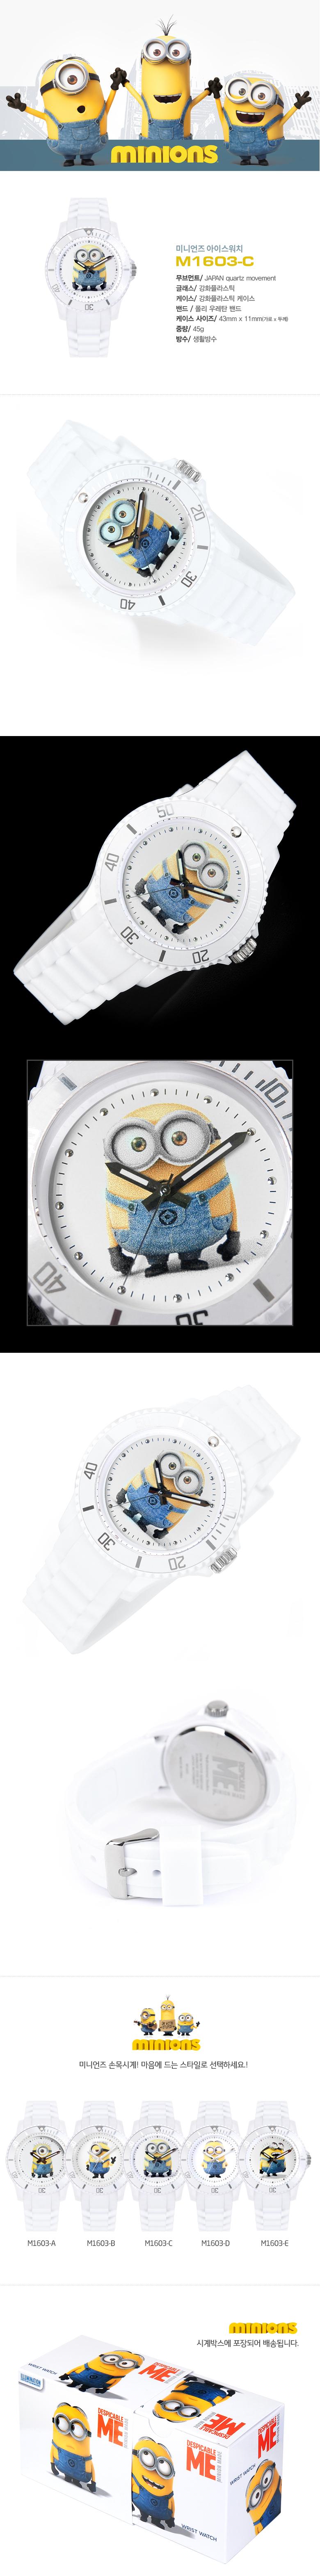 M1603-C (미니언즈시계)40,000원-미니언즈패션잡화, 손목시계, 브랜드시계, 공용바보사랑M1603-C (미니언즈시계)40,000원-미니언즈패션잡화, 손목시계, 브랜드시계, 공용바보사랑